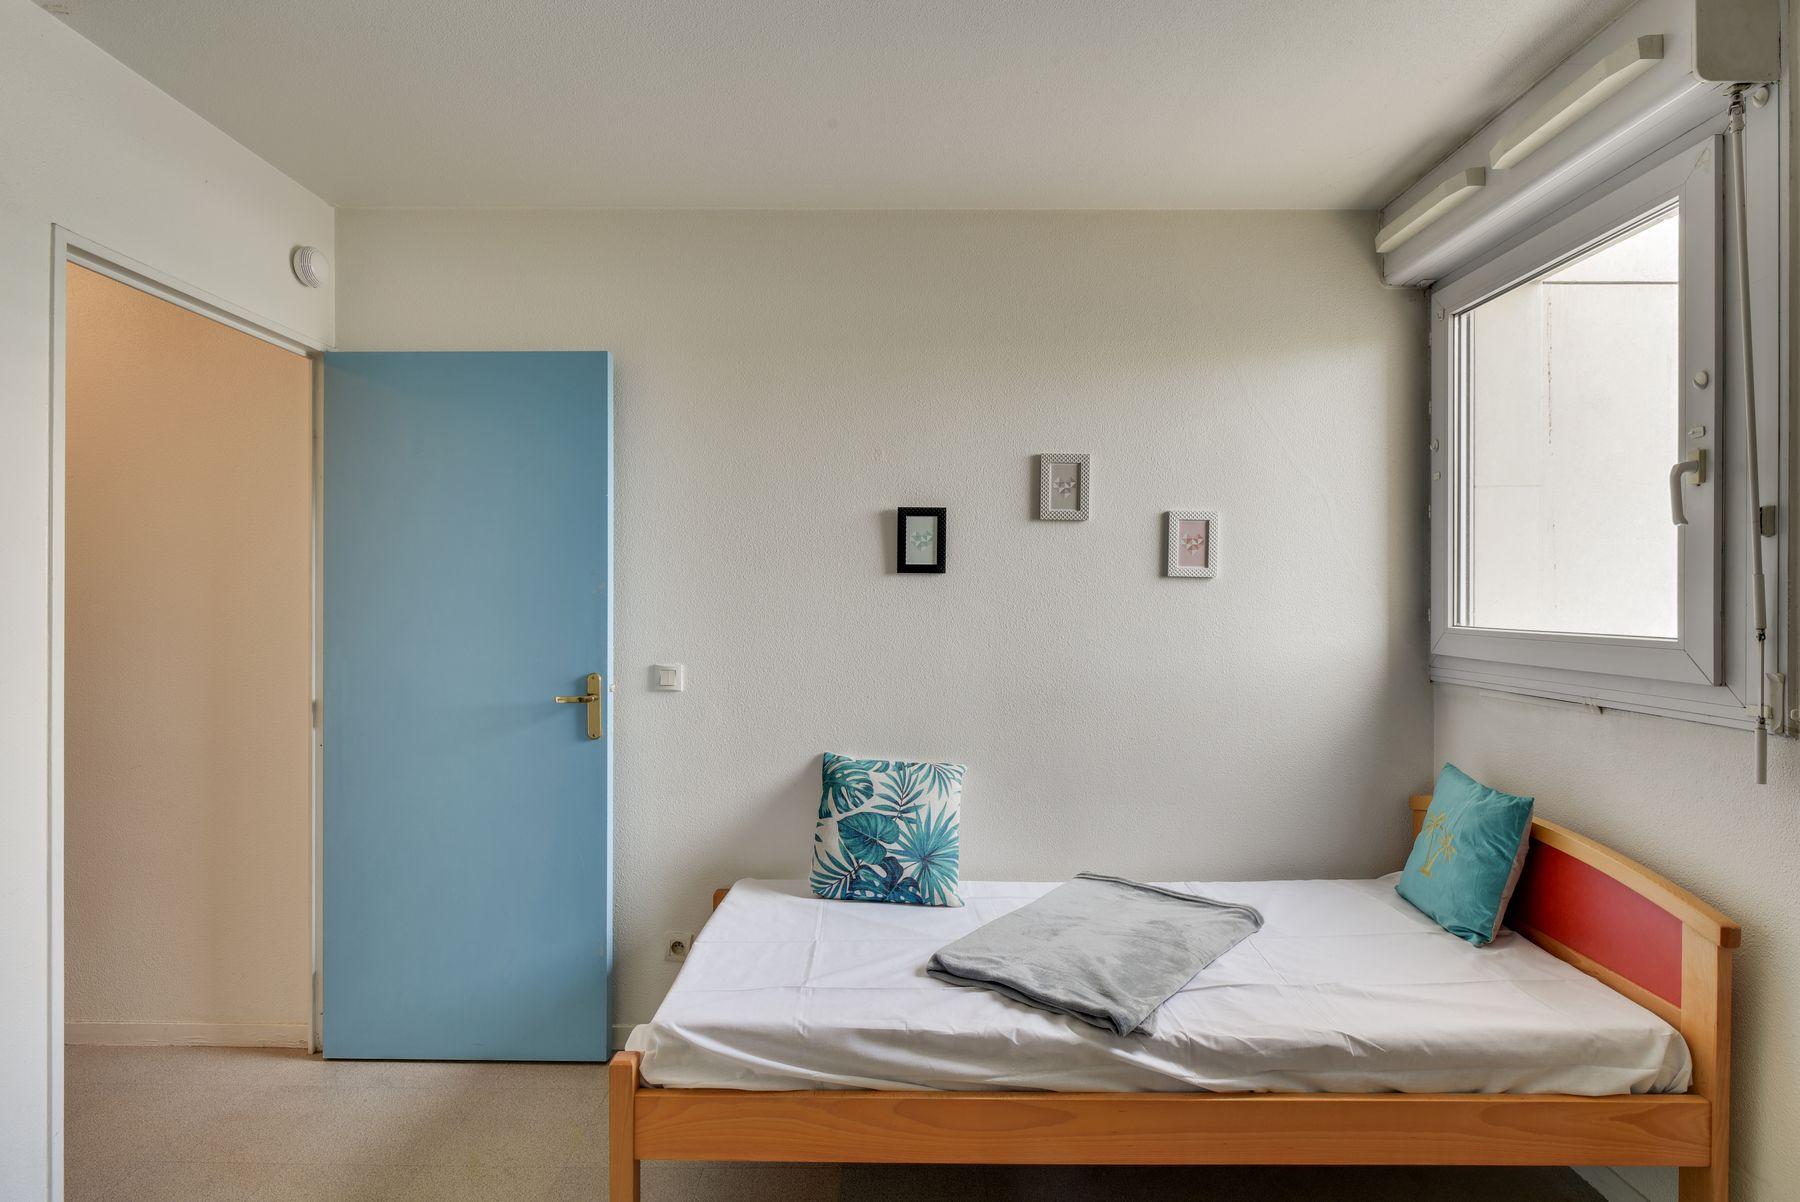 LOGIFAC résidence étudiante Saint-Mandéen Paris appart